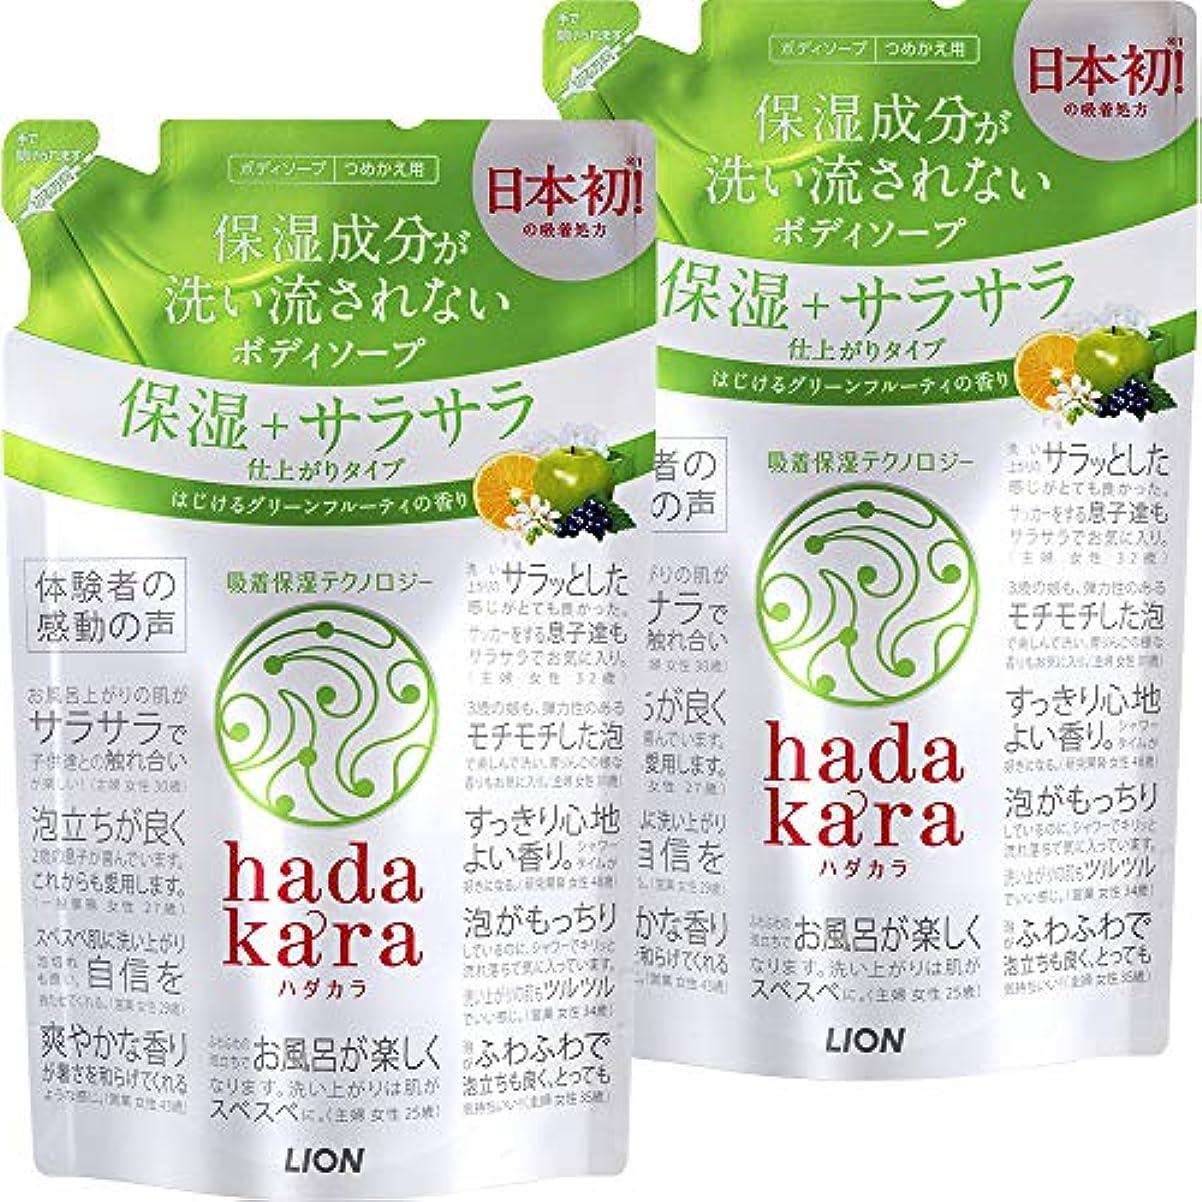 鍔管理宝【まとめ買い】hadakara(ハダカラ) ボディソープ 保湿+サラサラ仕上がりタイプ グリーンフルーティの香り 詰め替え 340ml×2個パック